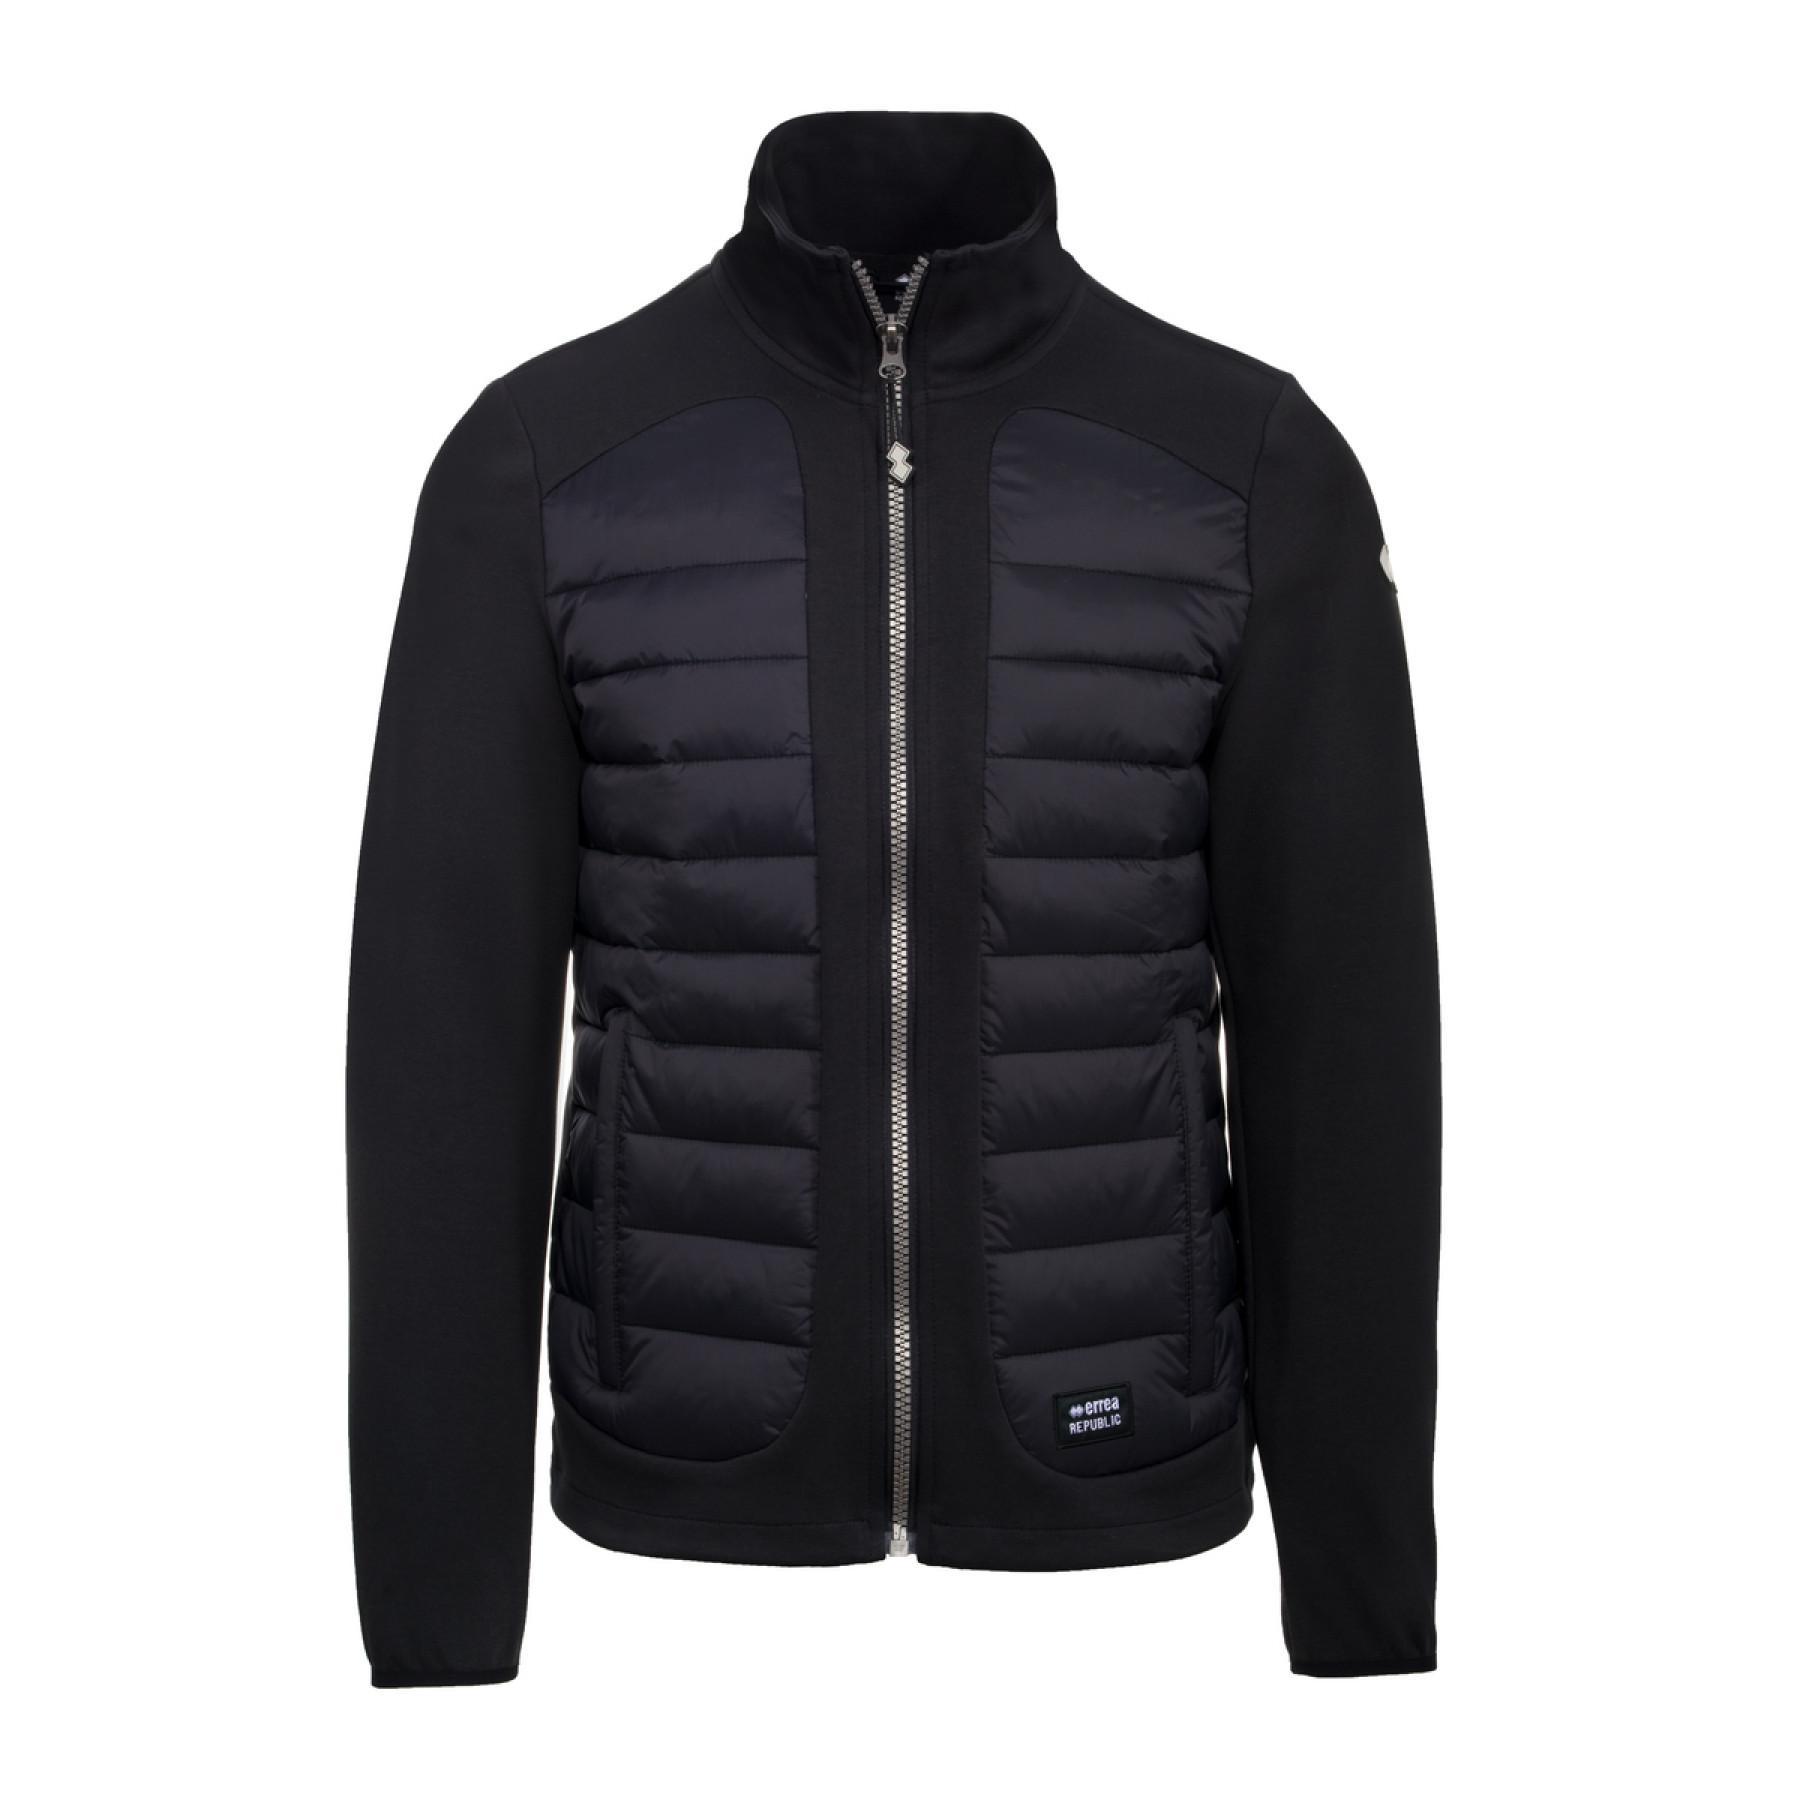 Jacket Errea hybrid